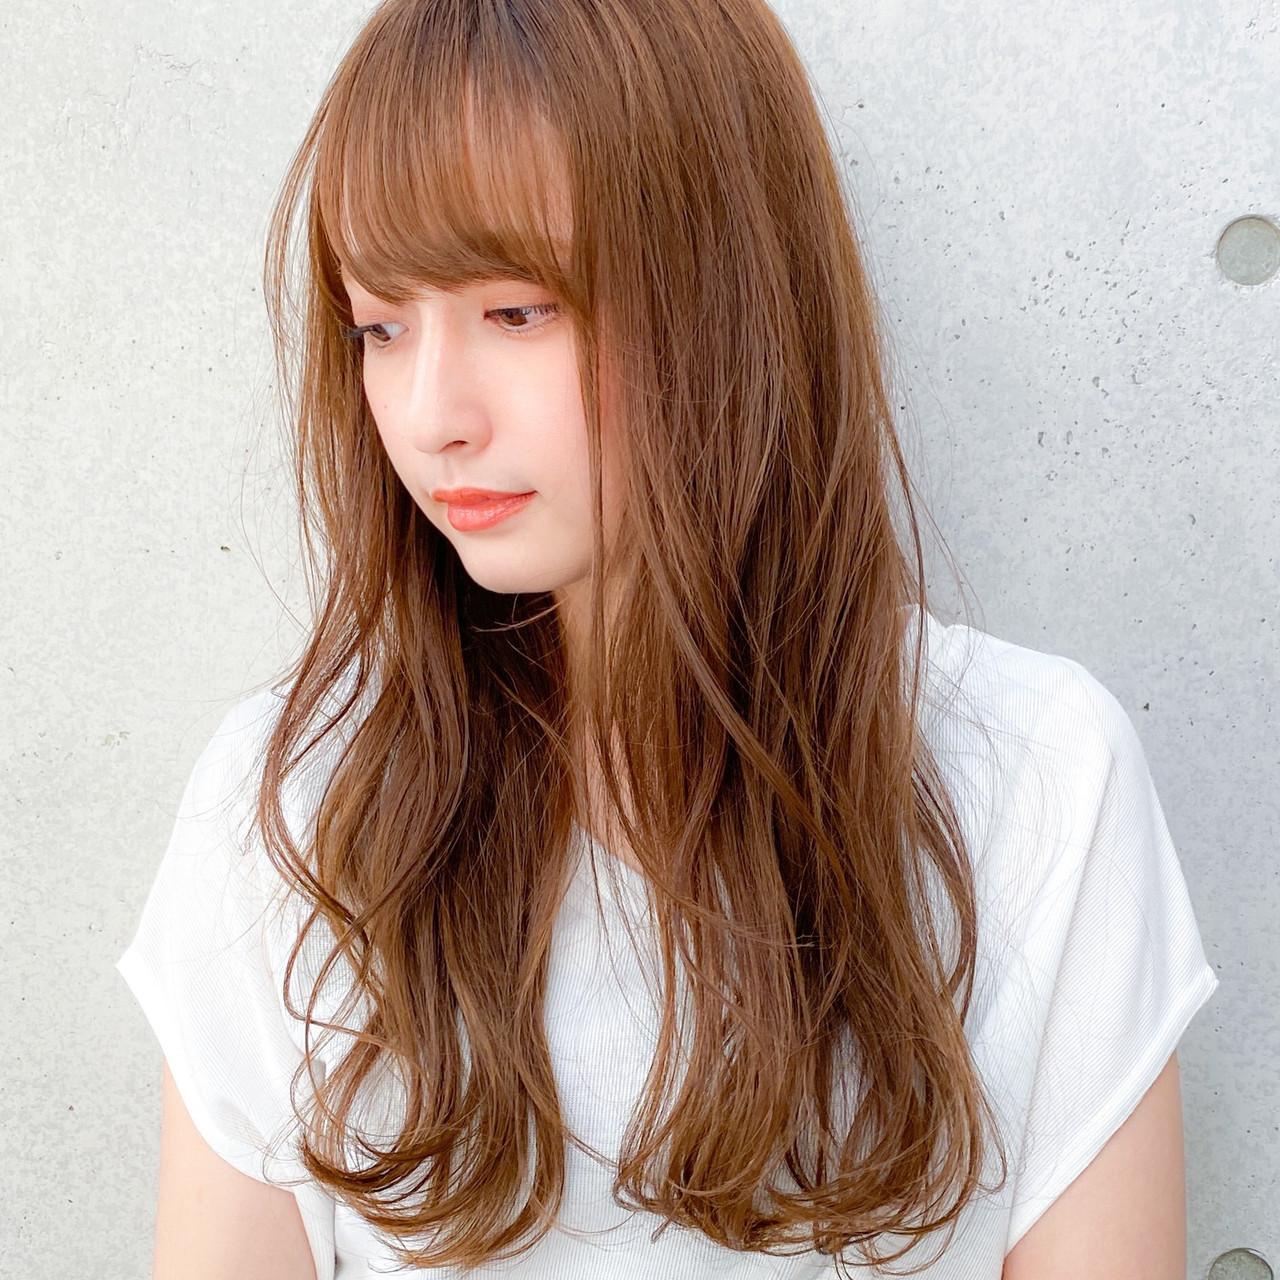 レイヤー レイヤーカット レイヤーロングヘア ロング ヘアスタイルや髪型の写真・画像